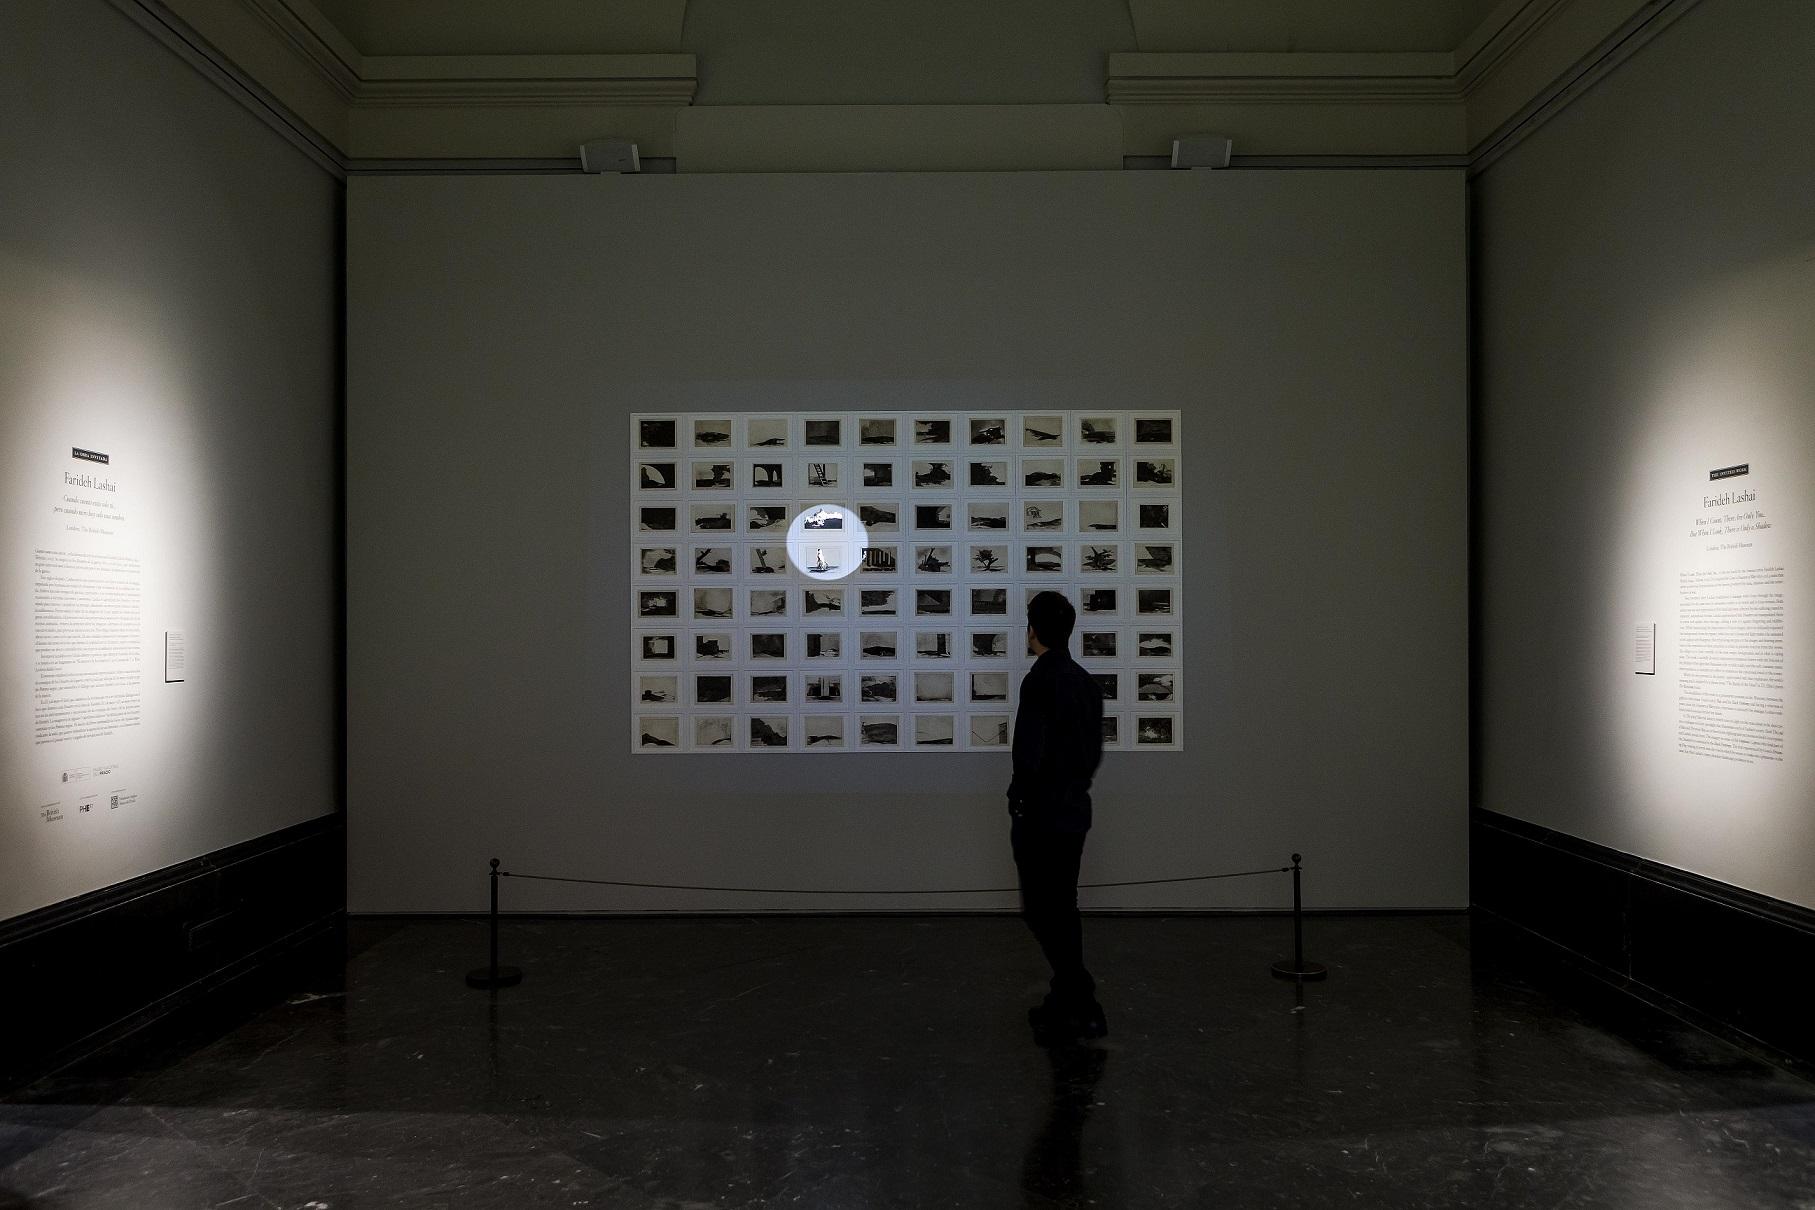 Vista de sala de la instalación de Farideh Lashai. Cuando cuento estás solo tú… pero cuando miro hay solo una sombra, 2013.